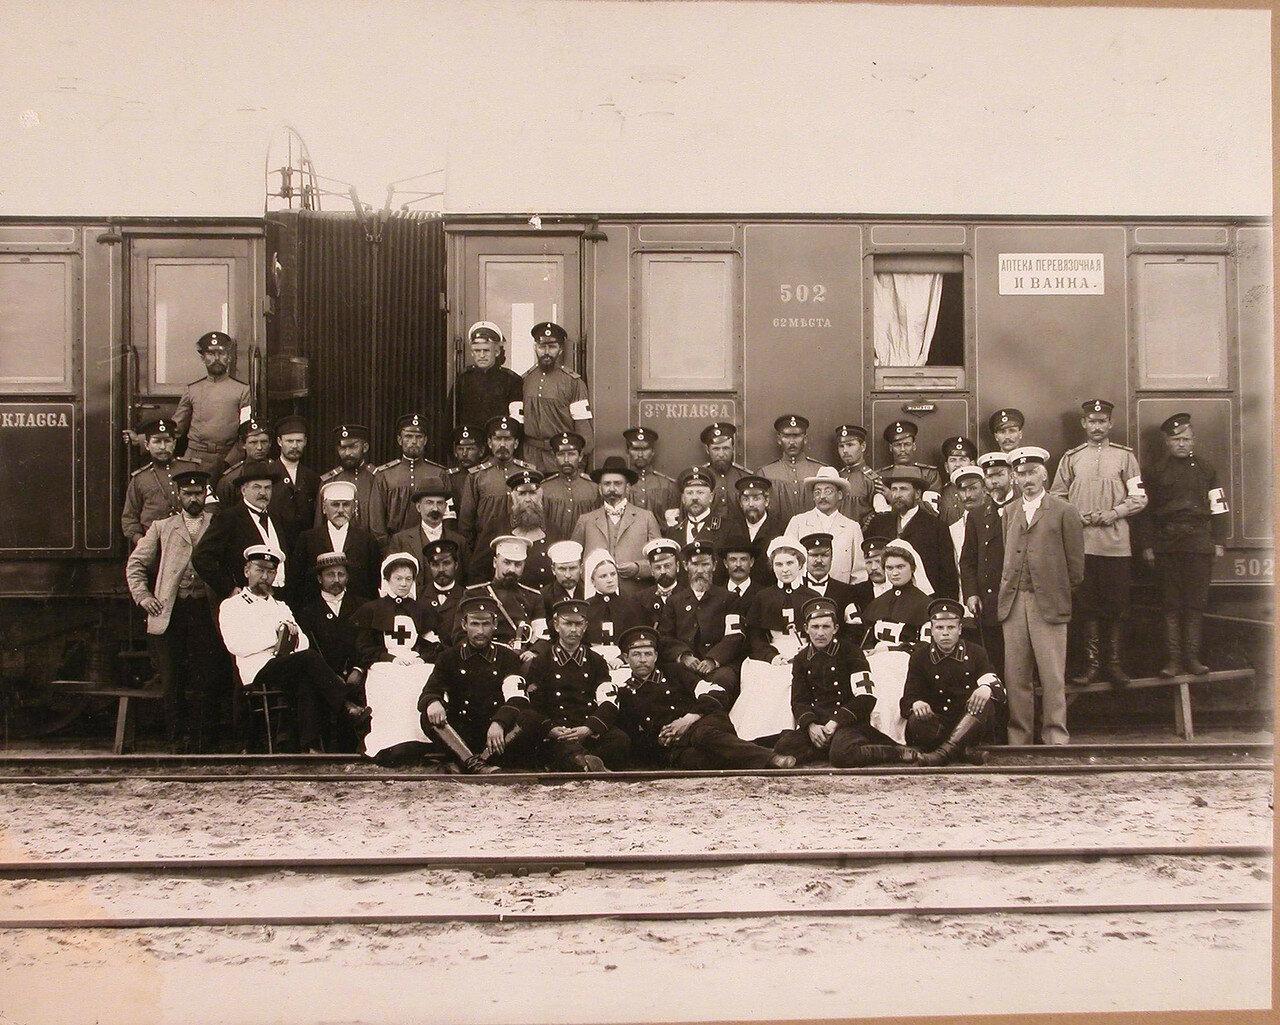 01. Группа медицинского и обслуживающего персонала поезда у вагона